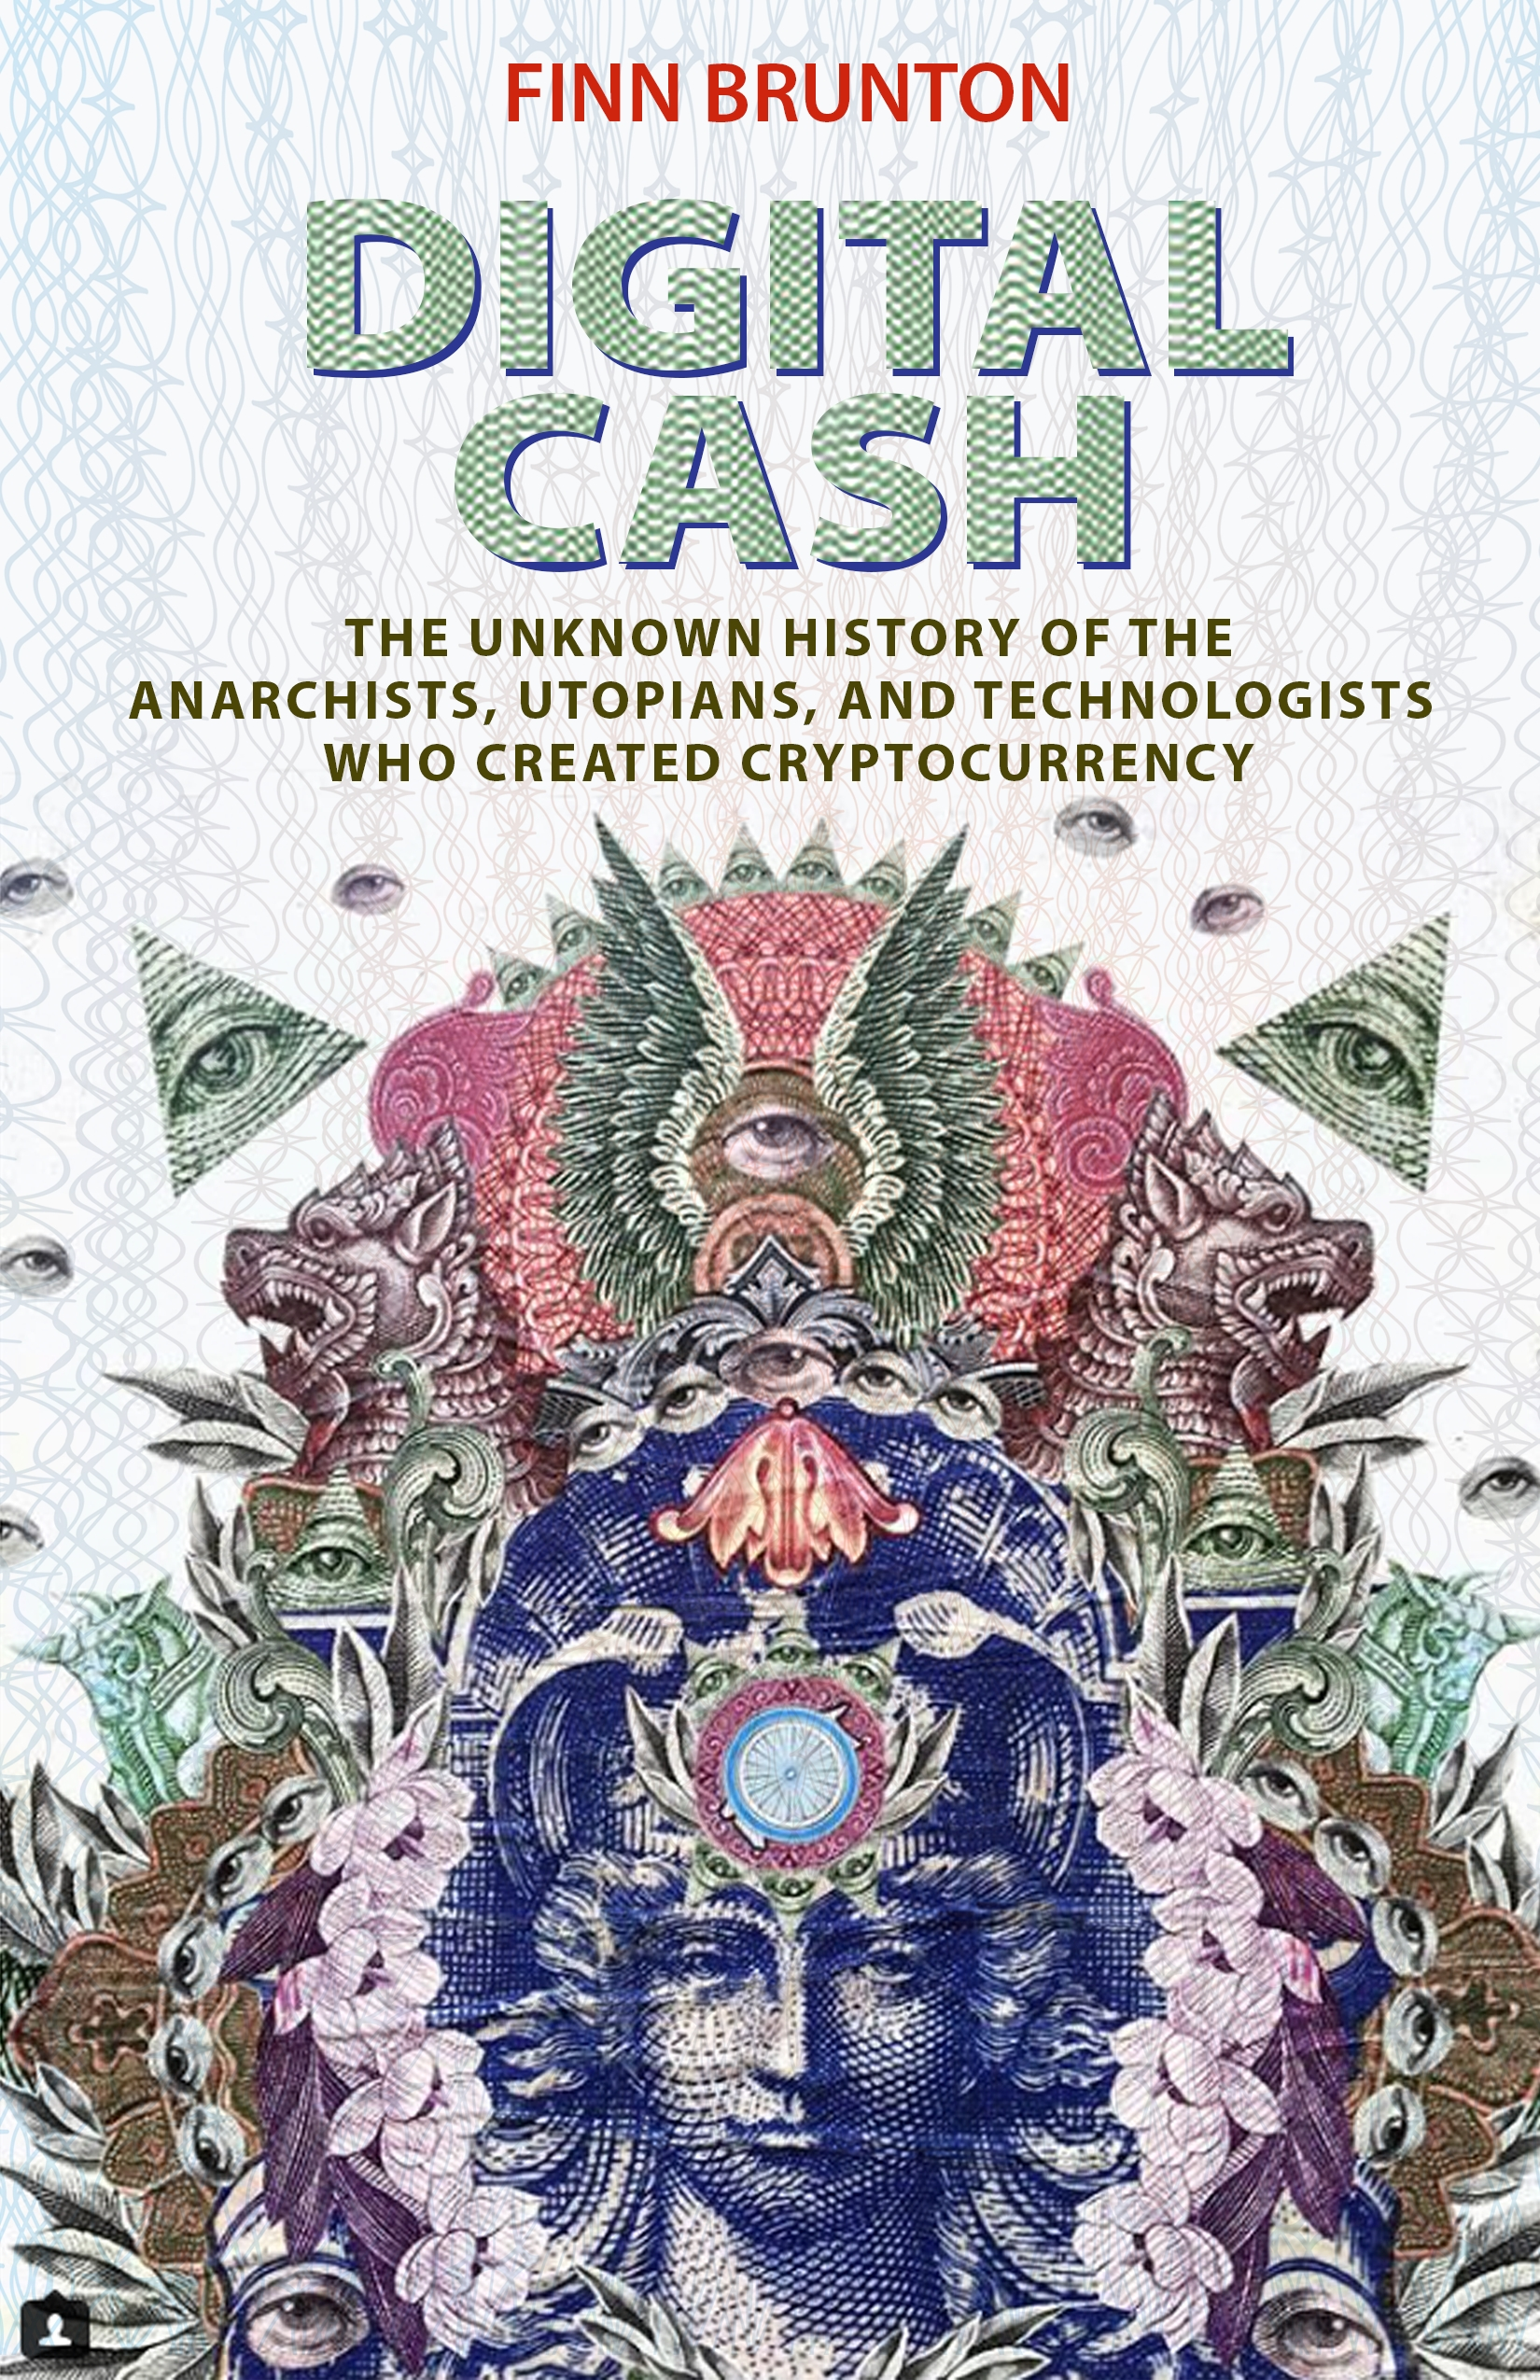 princeton bitcoin book